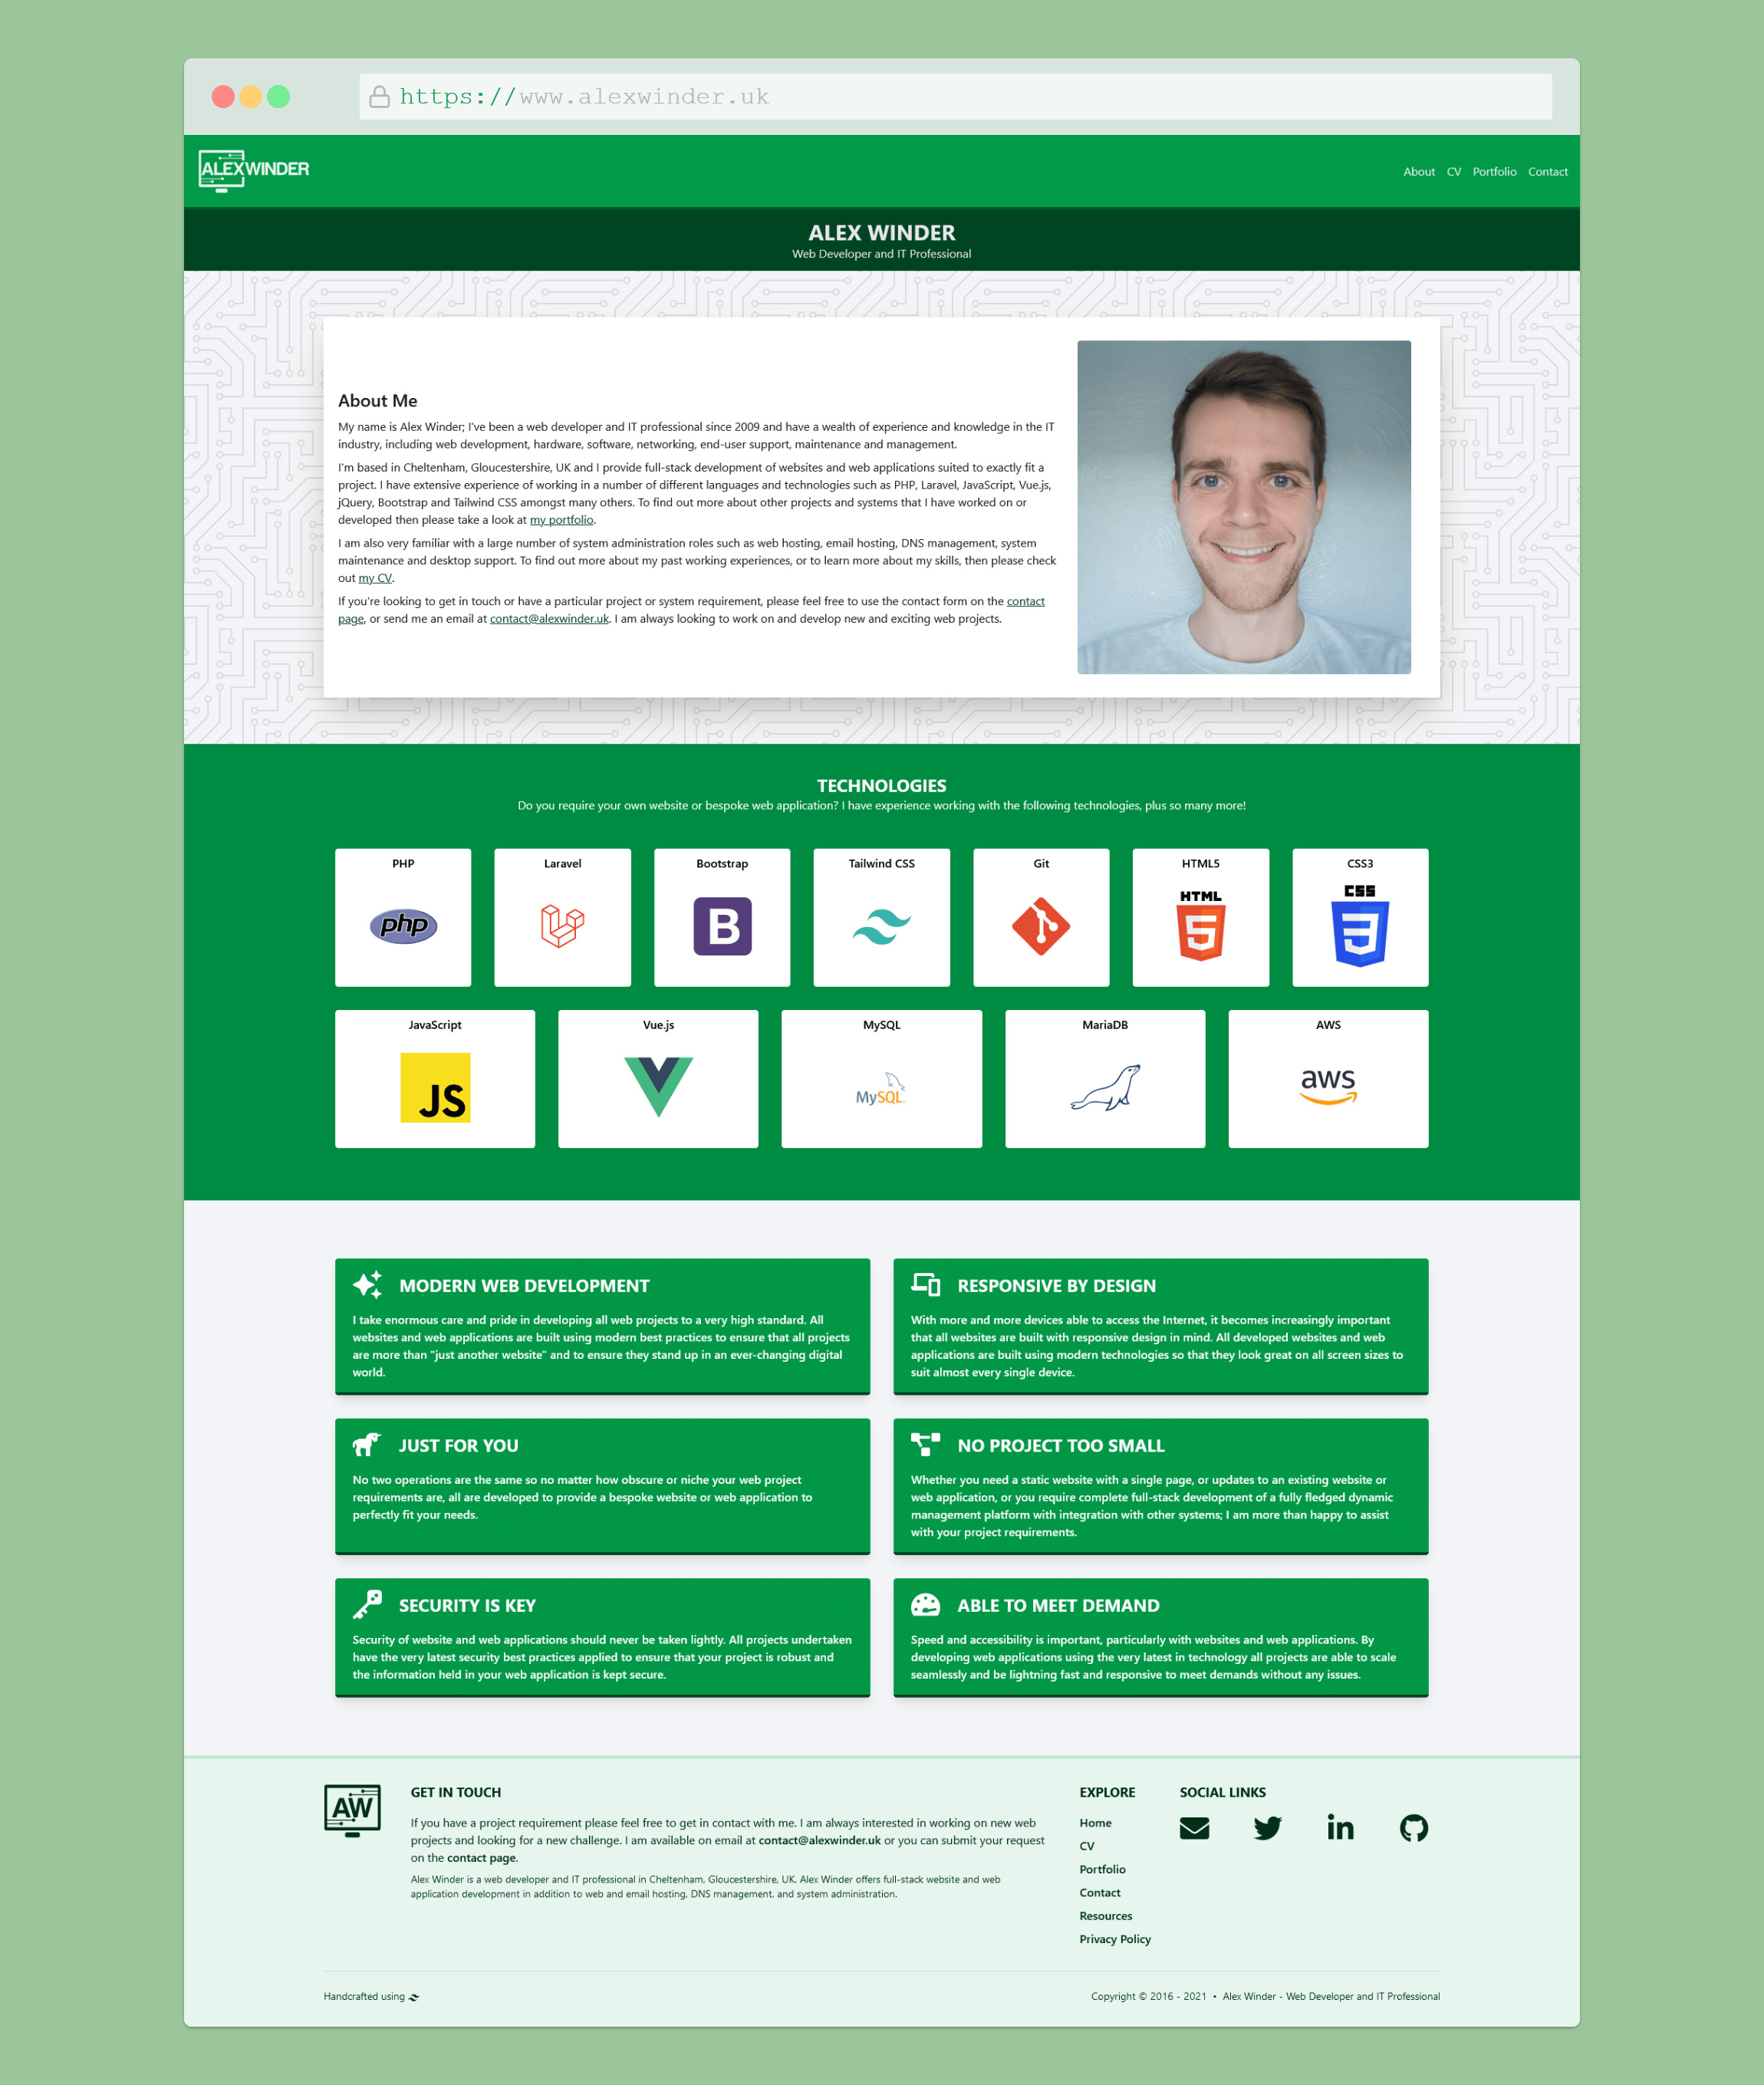 Alex Winder Website Redesign